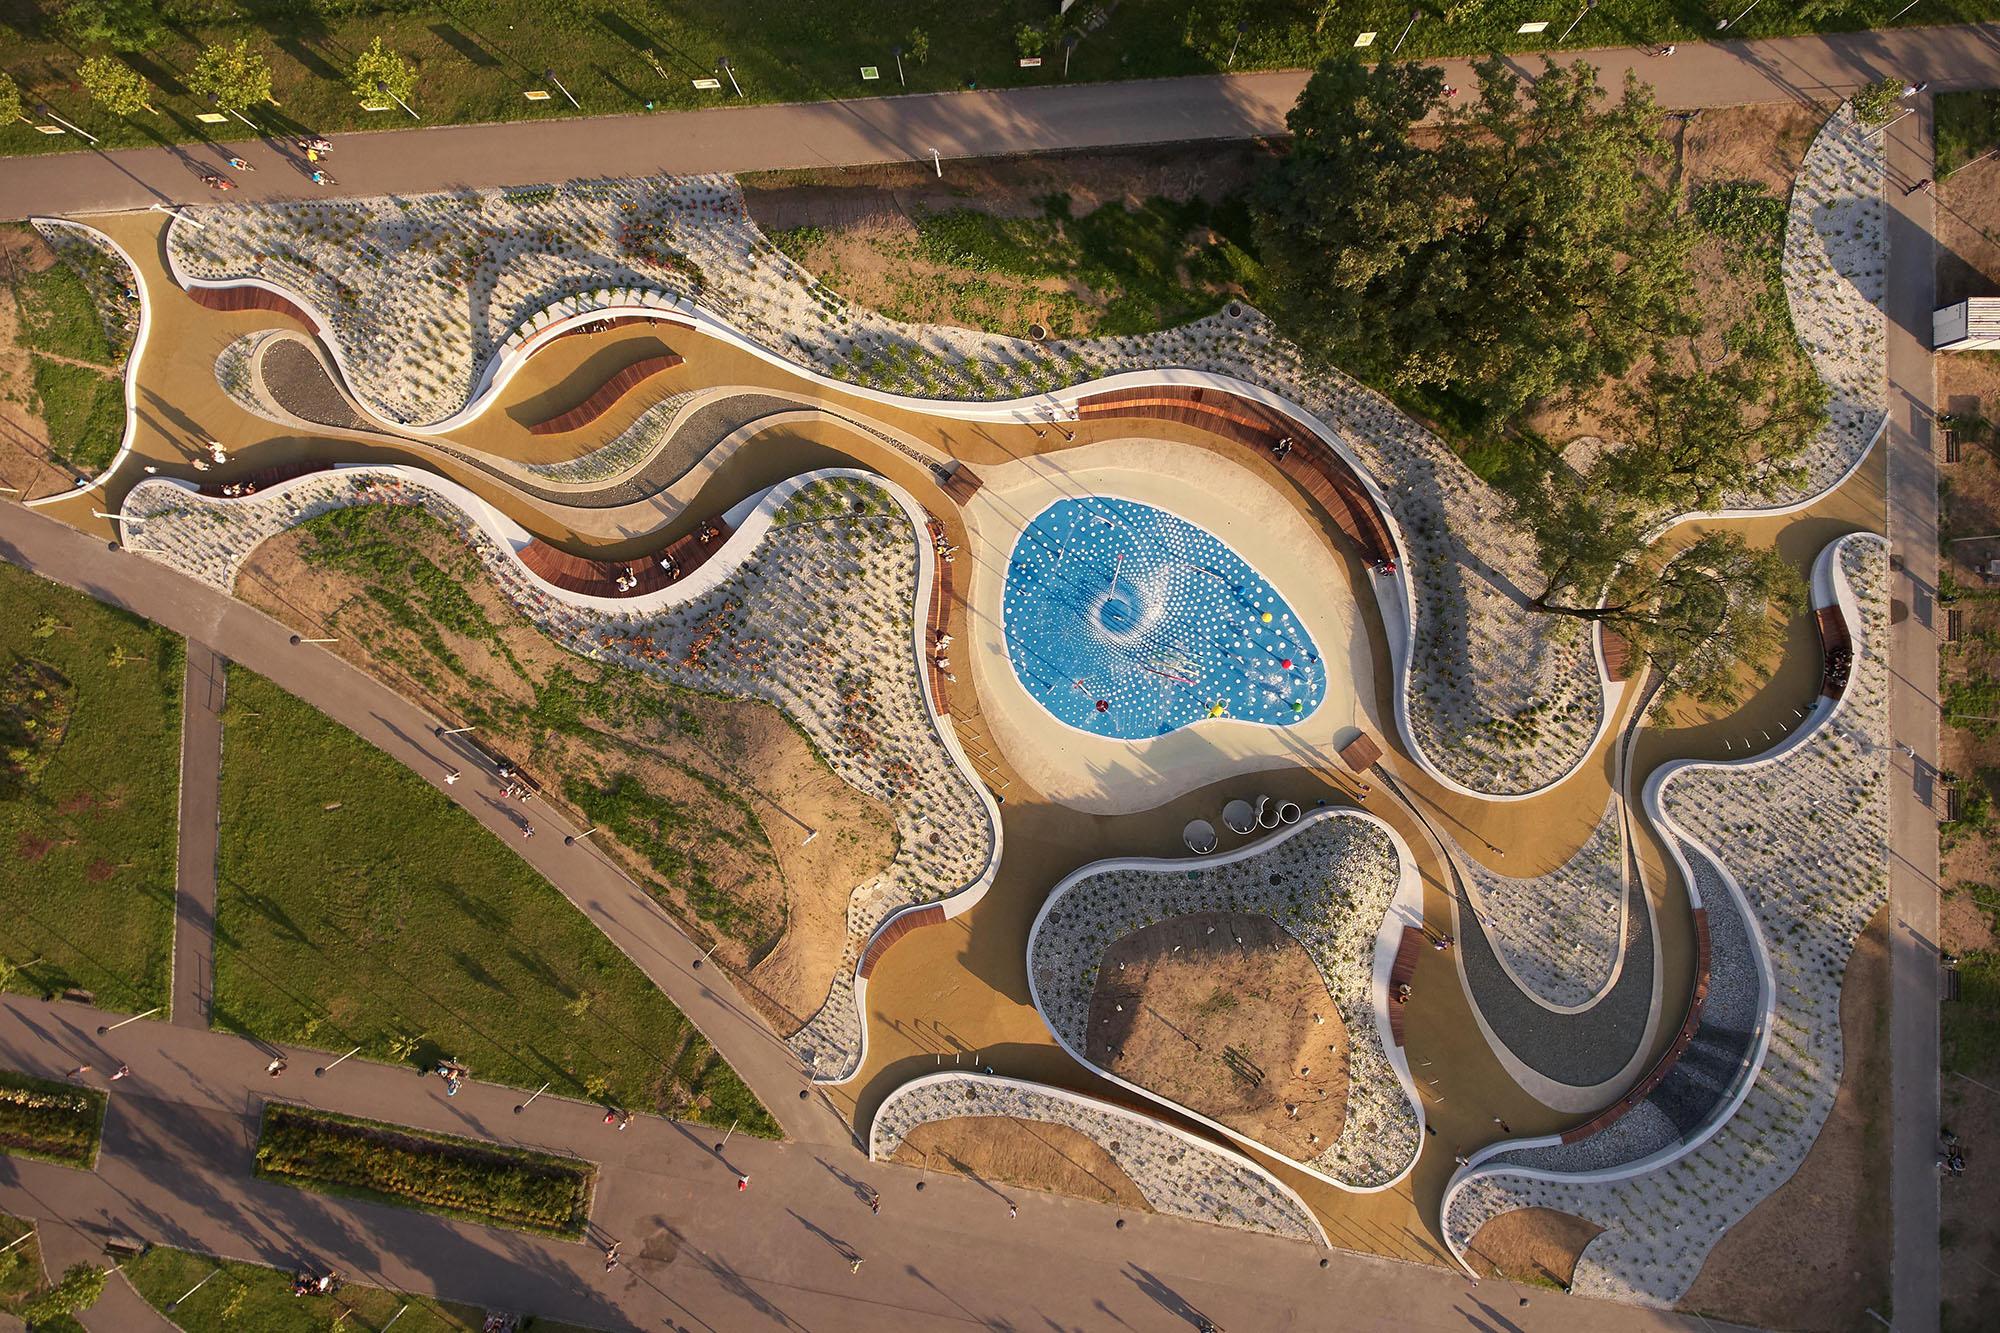 jaworznicki plant water playground  tychy, pl   rs+ design studio photo credit: tomasz zakrzewski